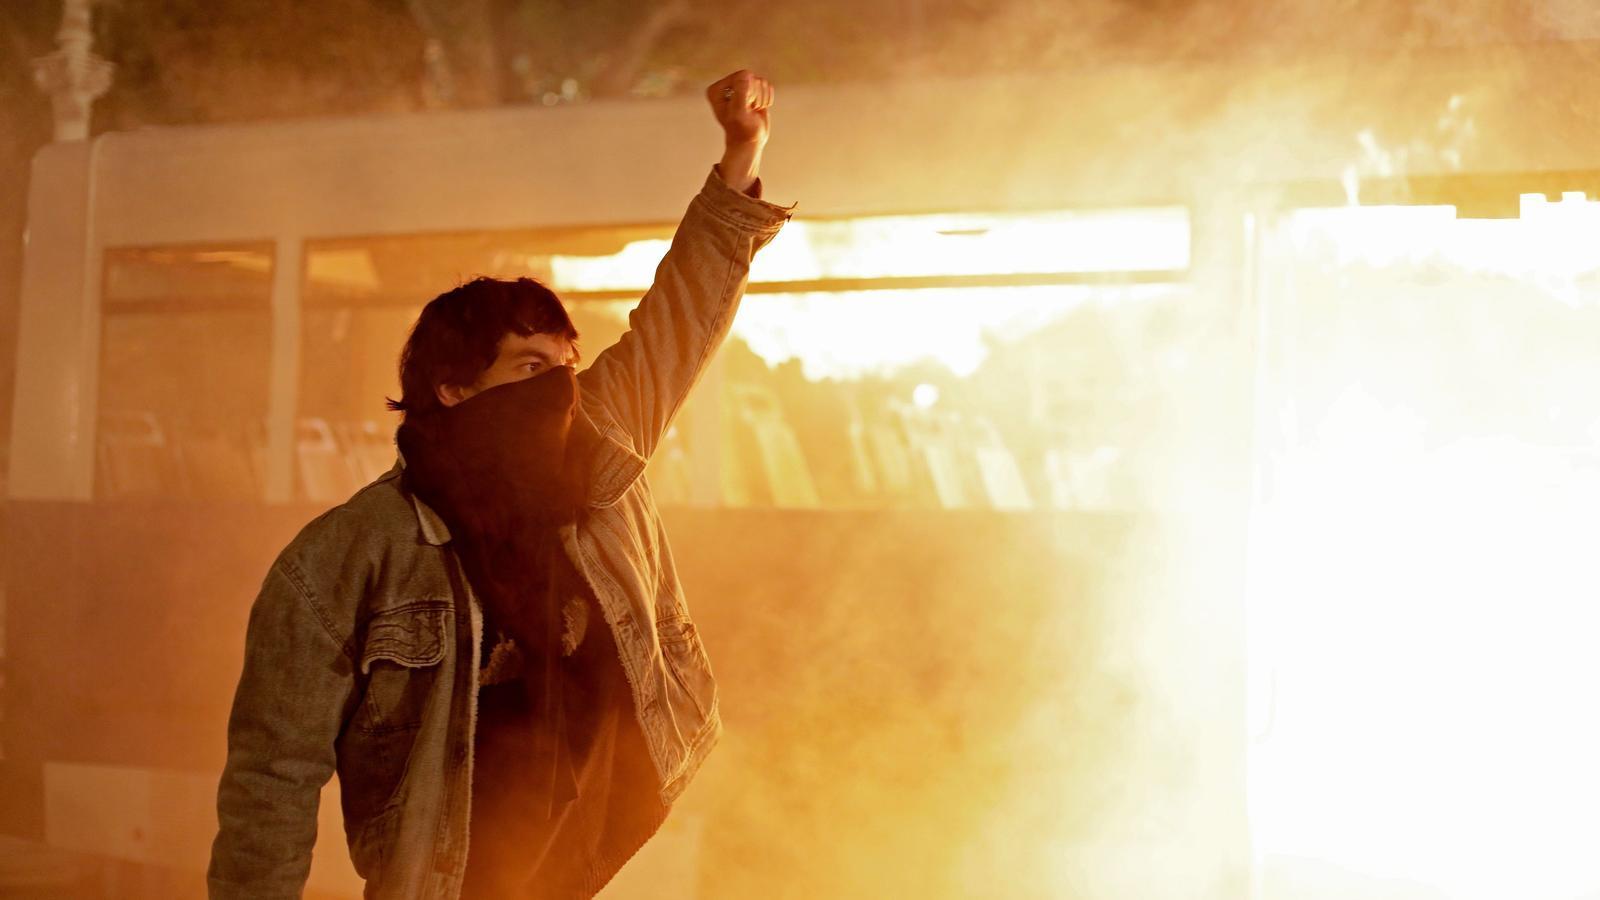 Telecinco emetrà en obert el primer episodi de 'Patria', de HBO